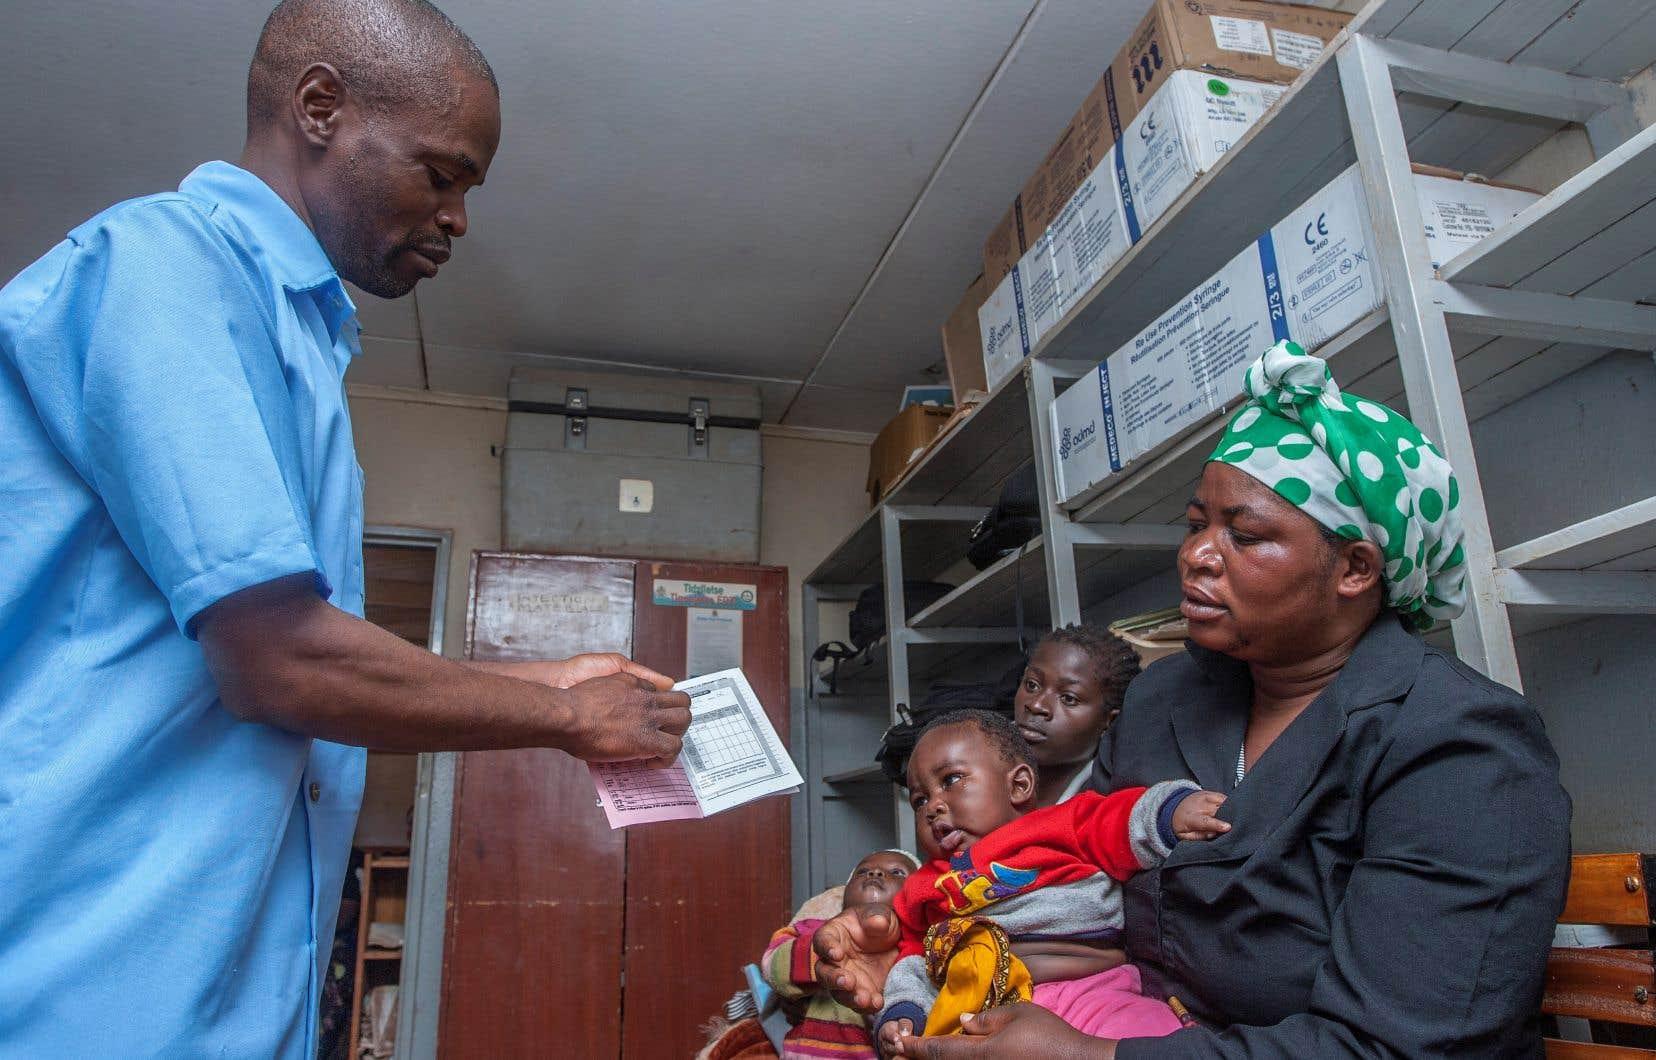 <p>Cette campagne de vaccination vise à confirmer l'efficacité du vaccin sur des enfants âgés de moins de 2ans, les plus vulnérables à la malaria.</p>